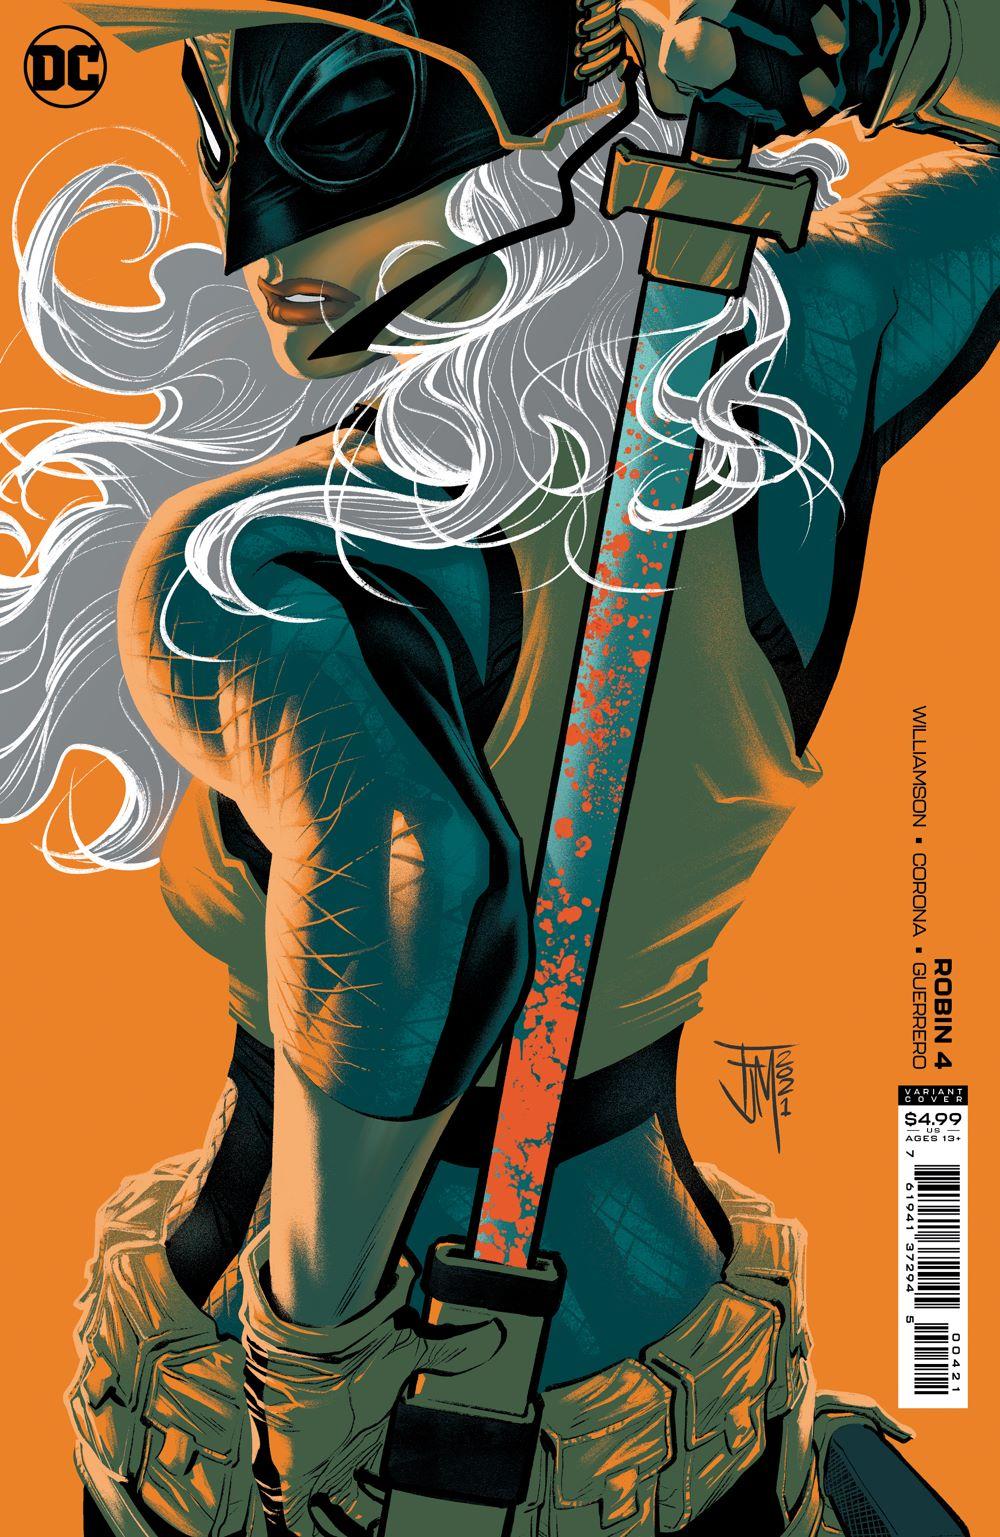 ROBIN_Cv4_var DC Comics July 2021 Solicitations